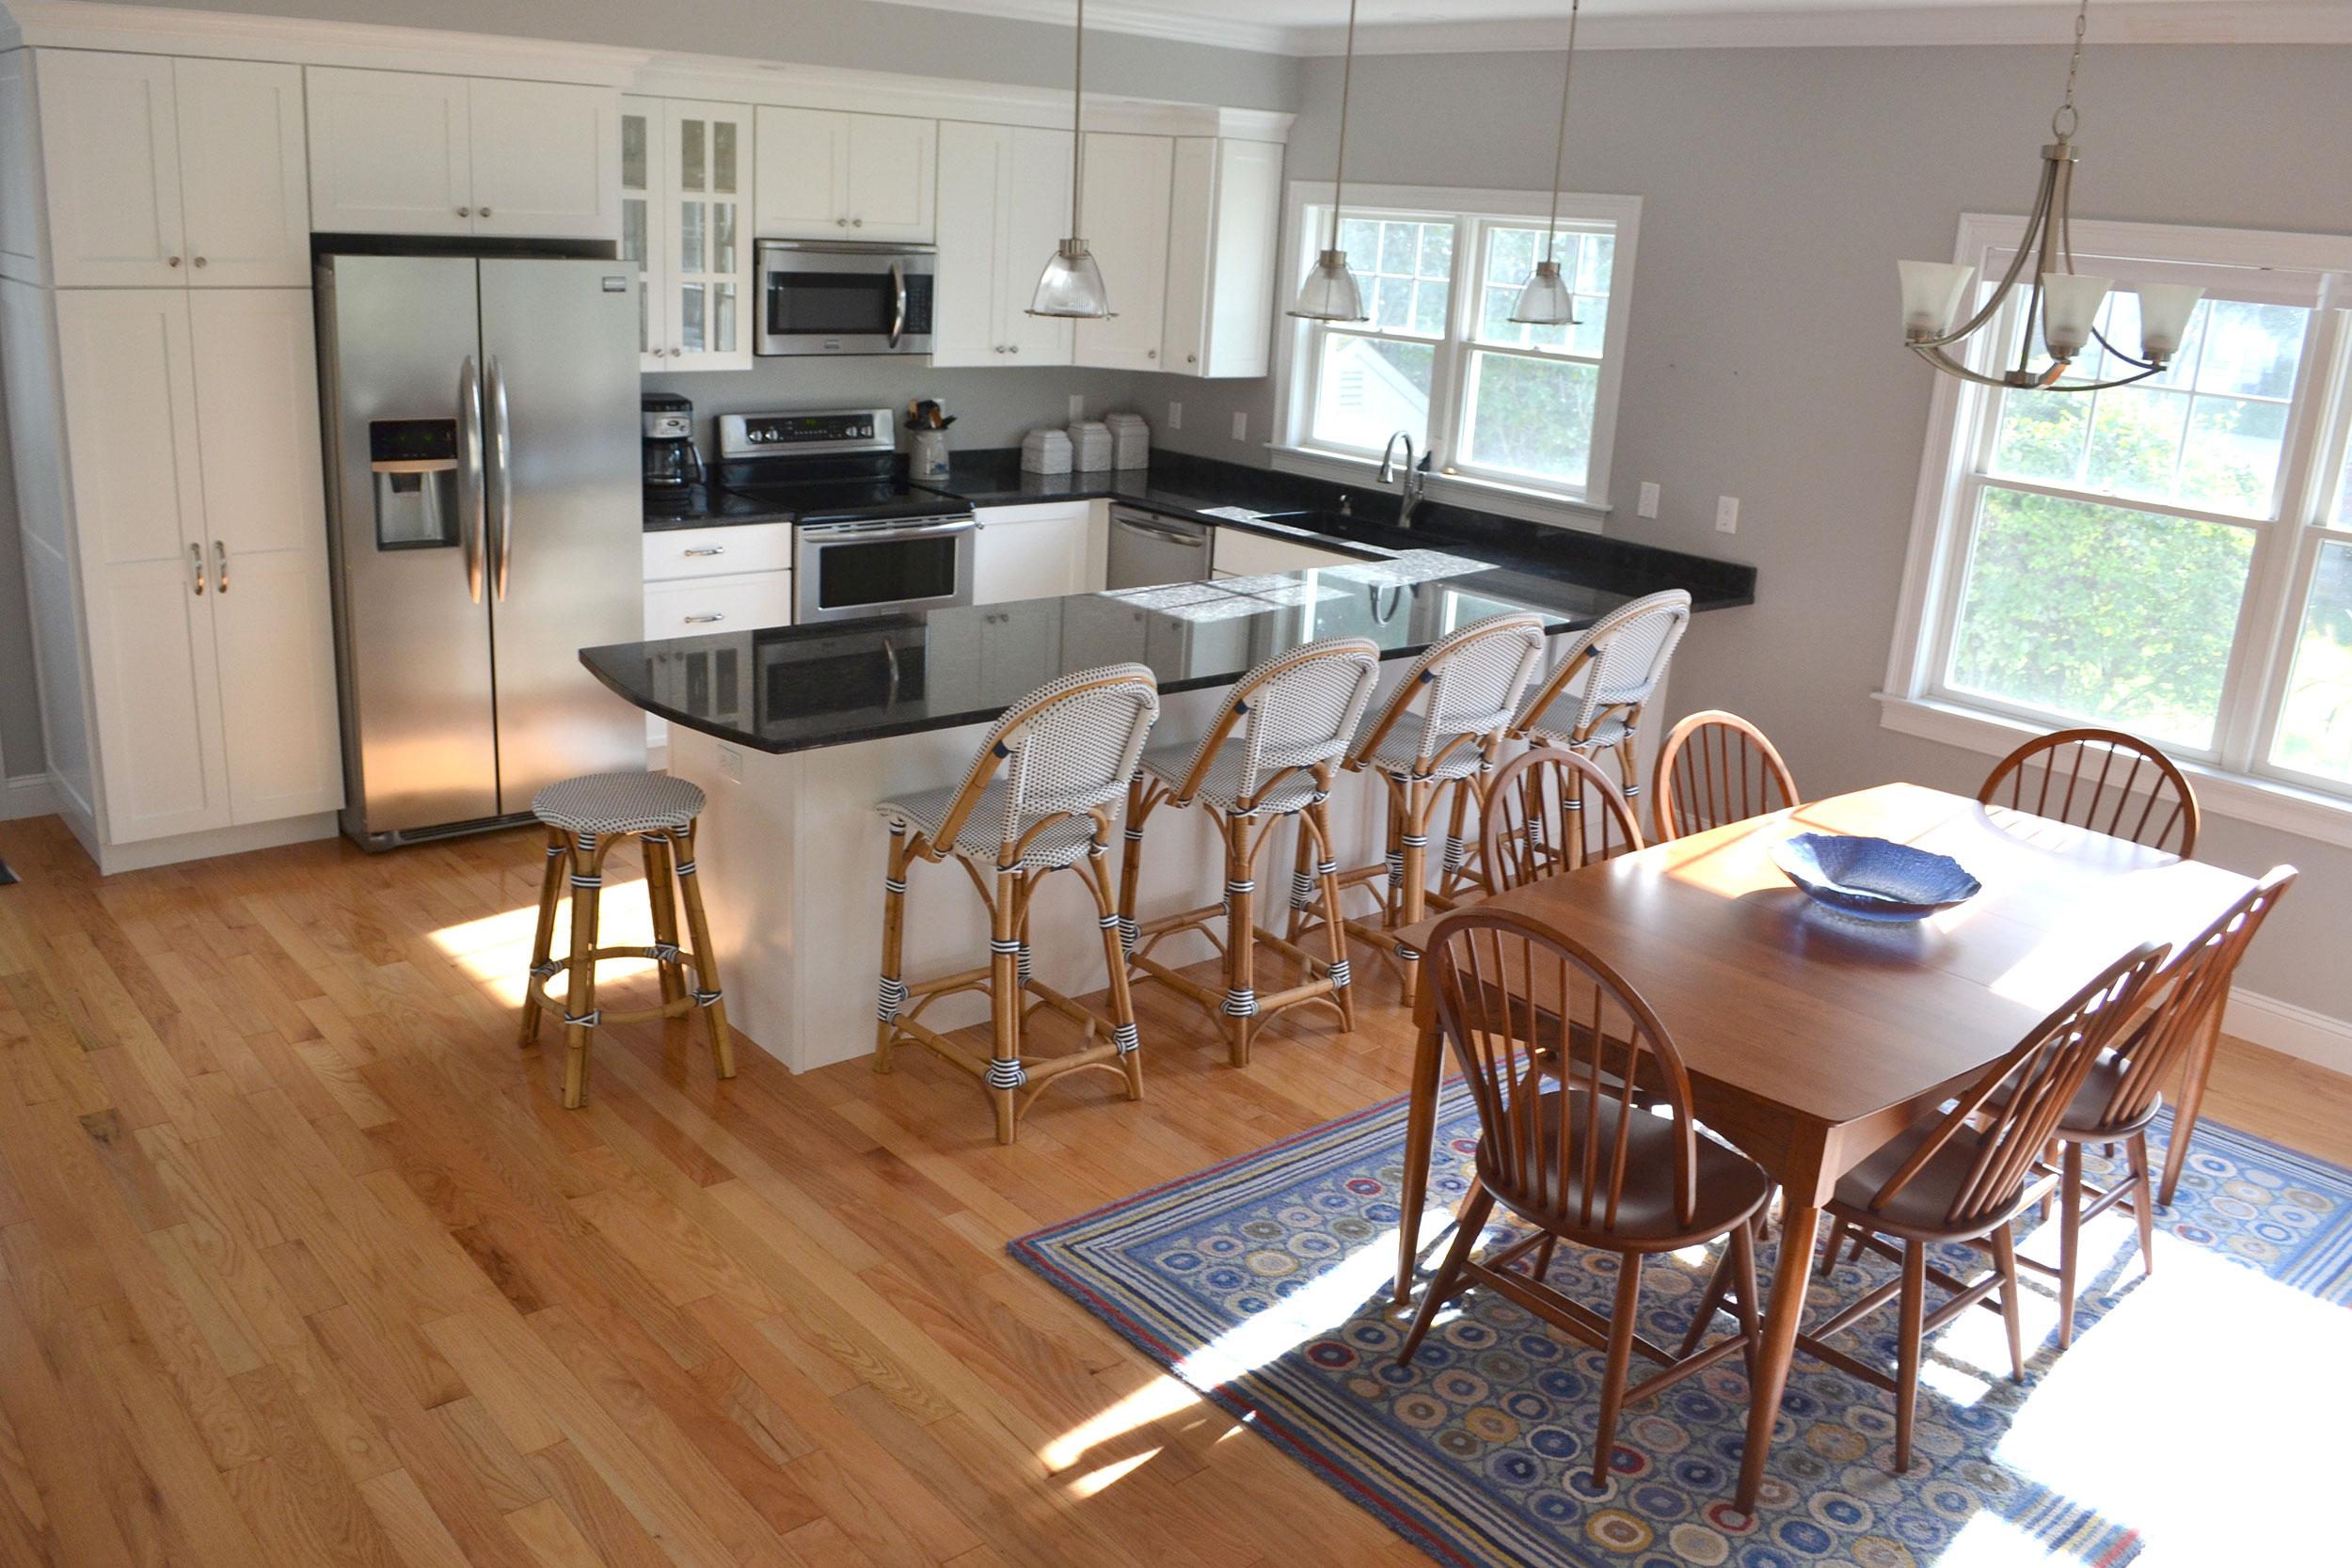 05_wells-kitchen-maine.jpg